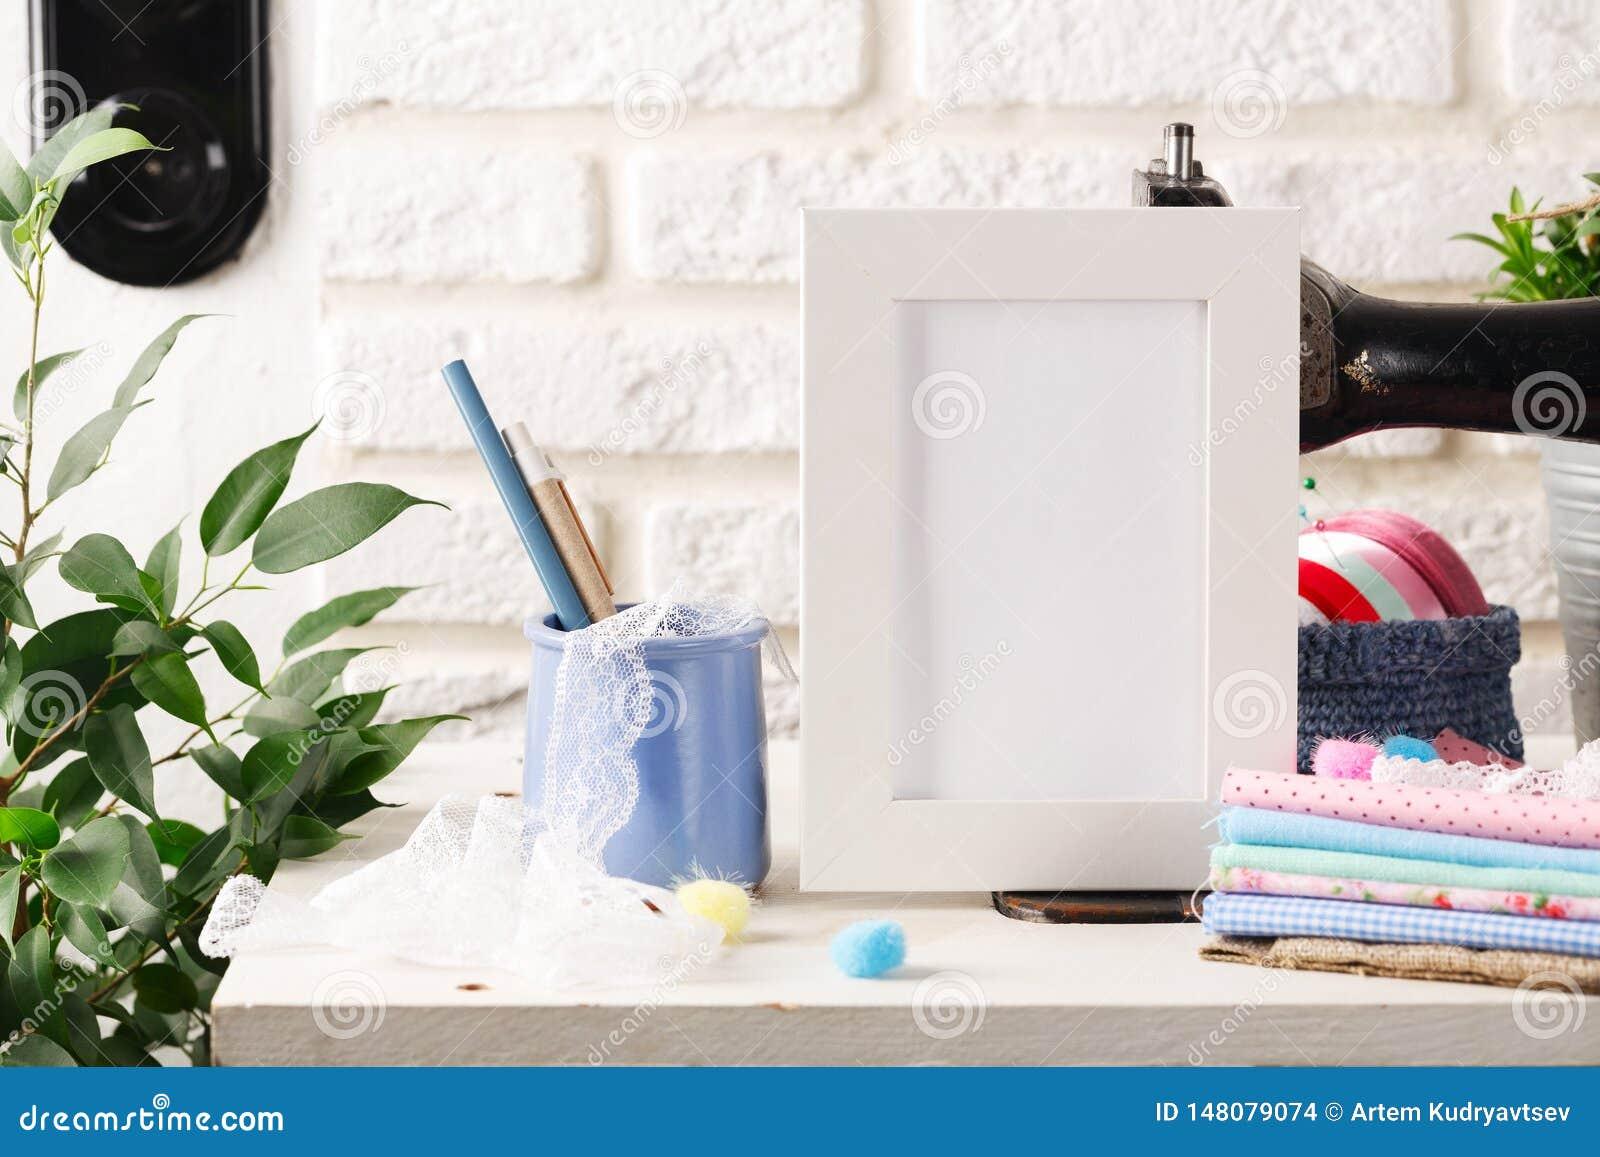 Scheinoben weißer Rahmen auf dem weißen Backsteinmauerhintergrund, den Nähmaschinen der Weinlese und den Stapeln von Geweben Mode